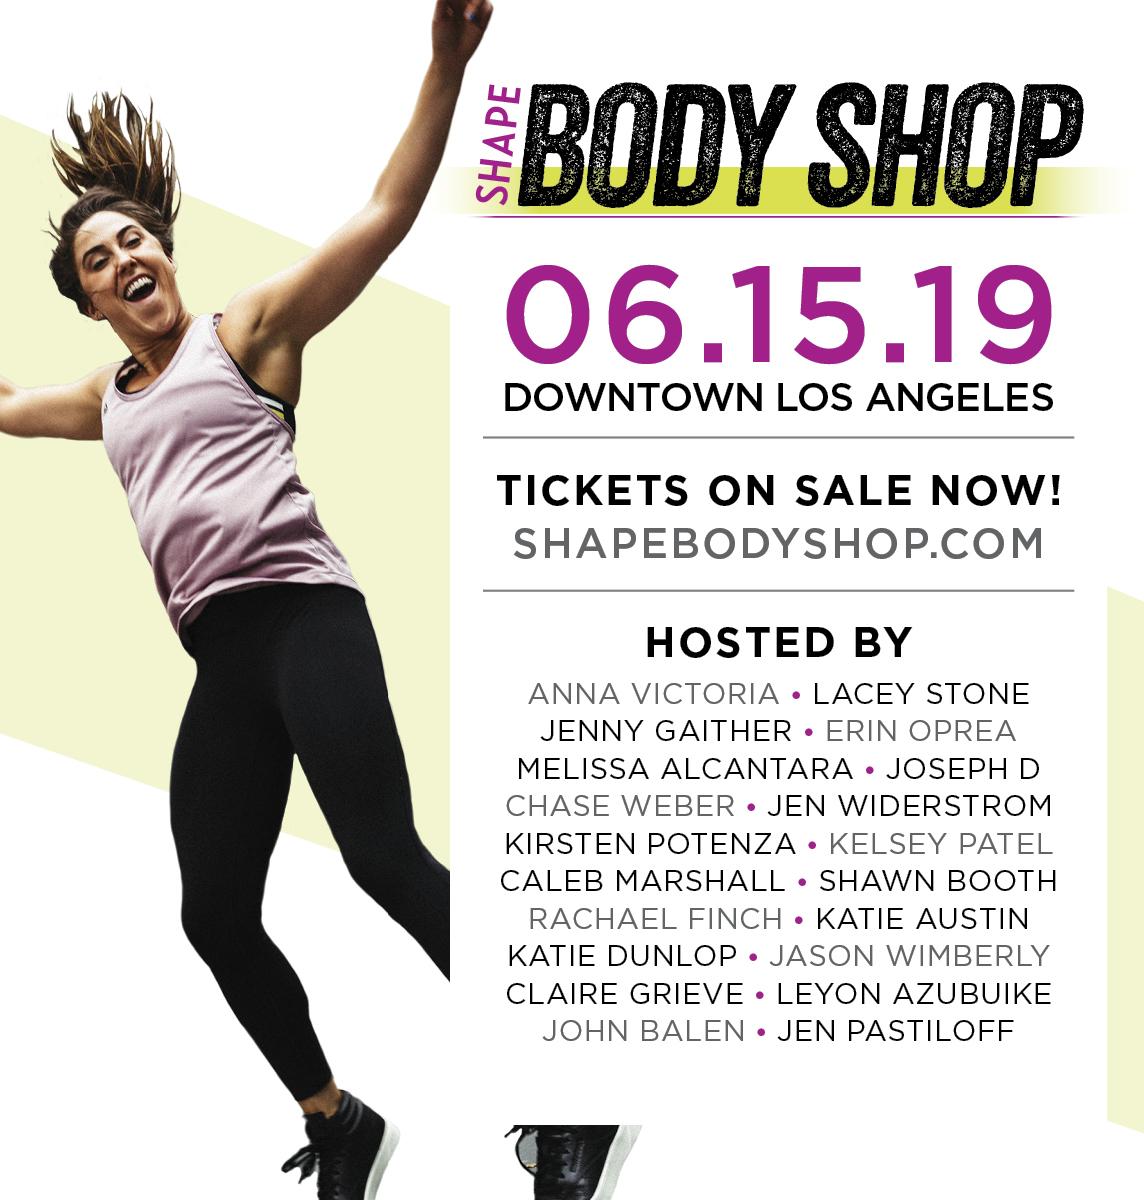 Body Shop_Eblast_JennyGaither (1).jpg